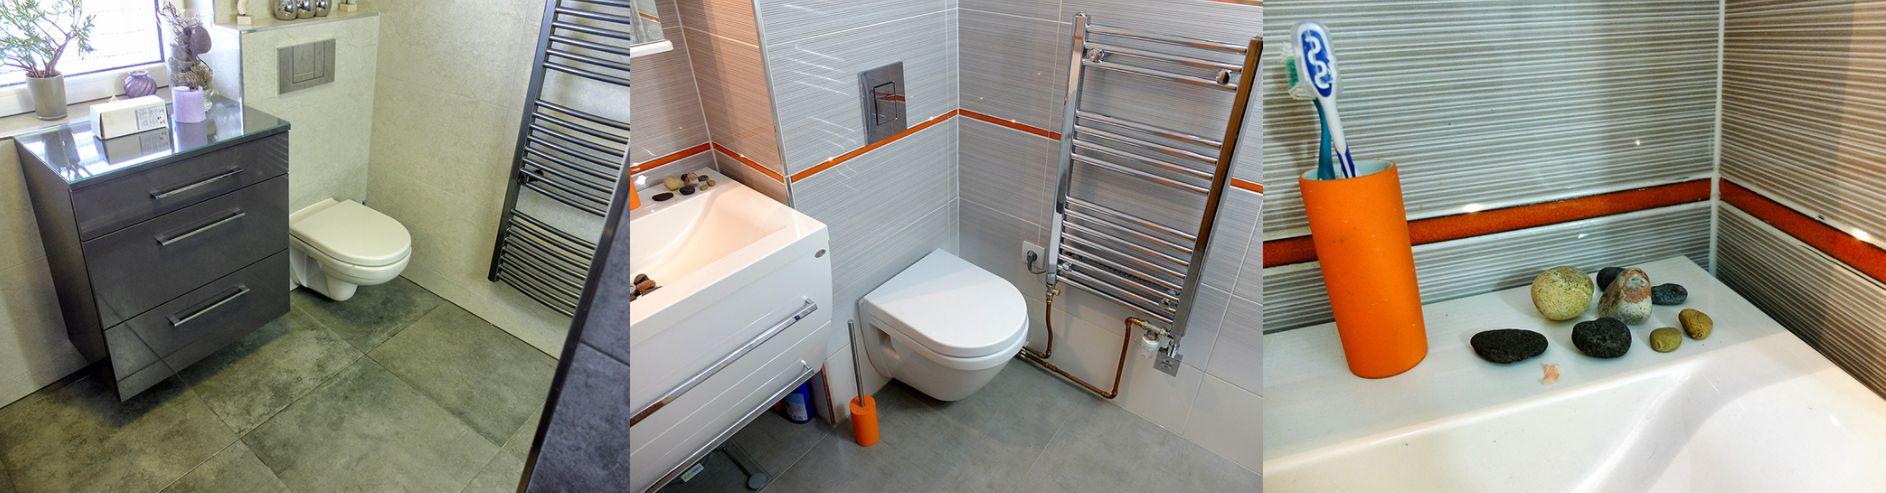 Obklady koupelen a toalet